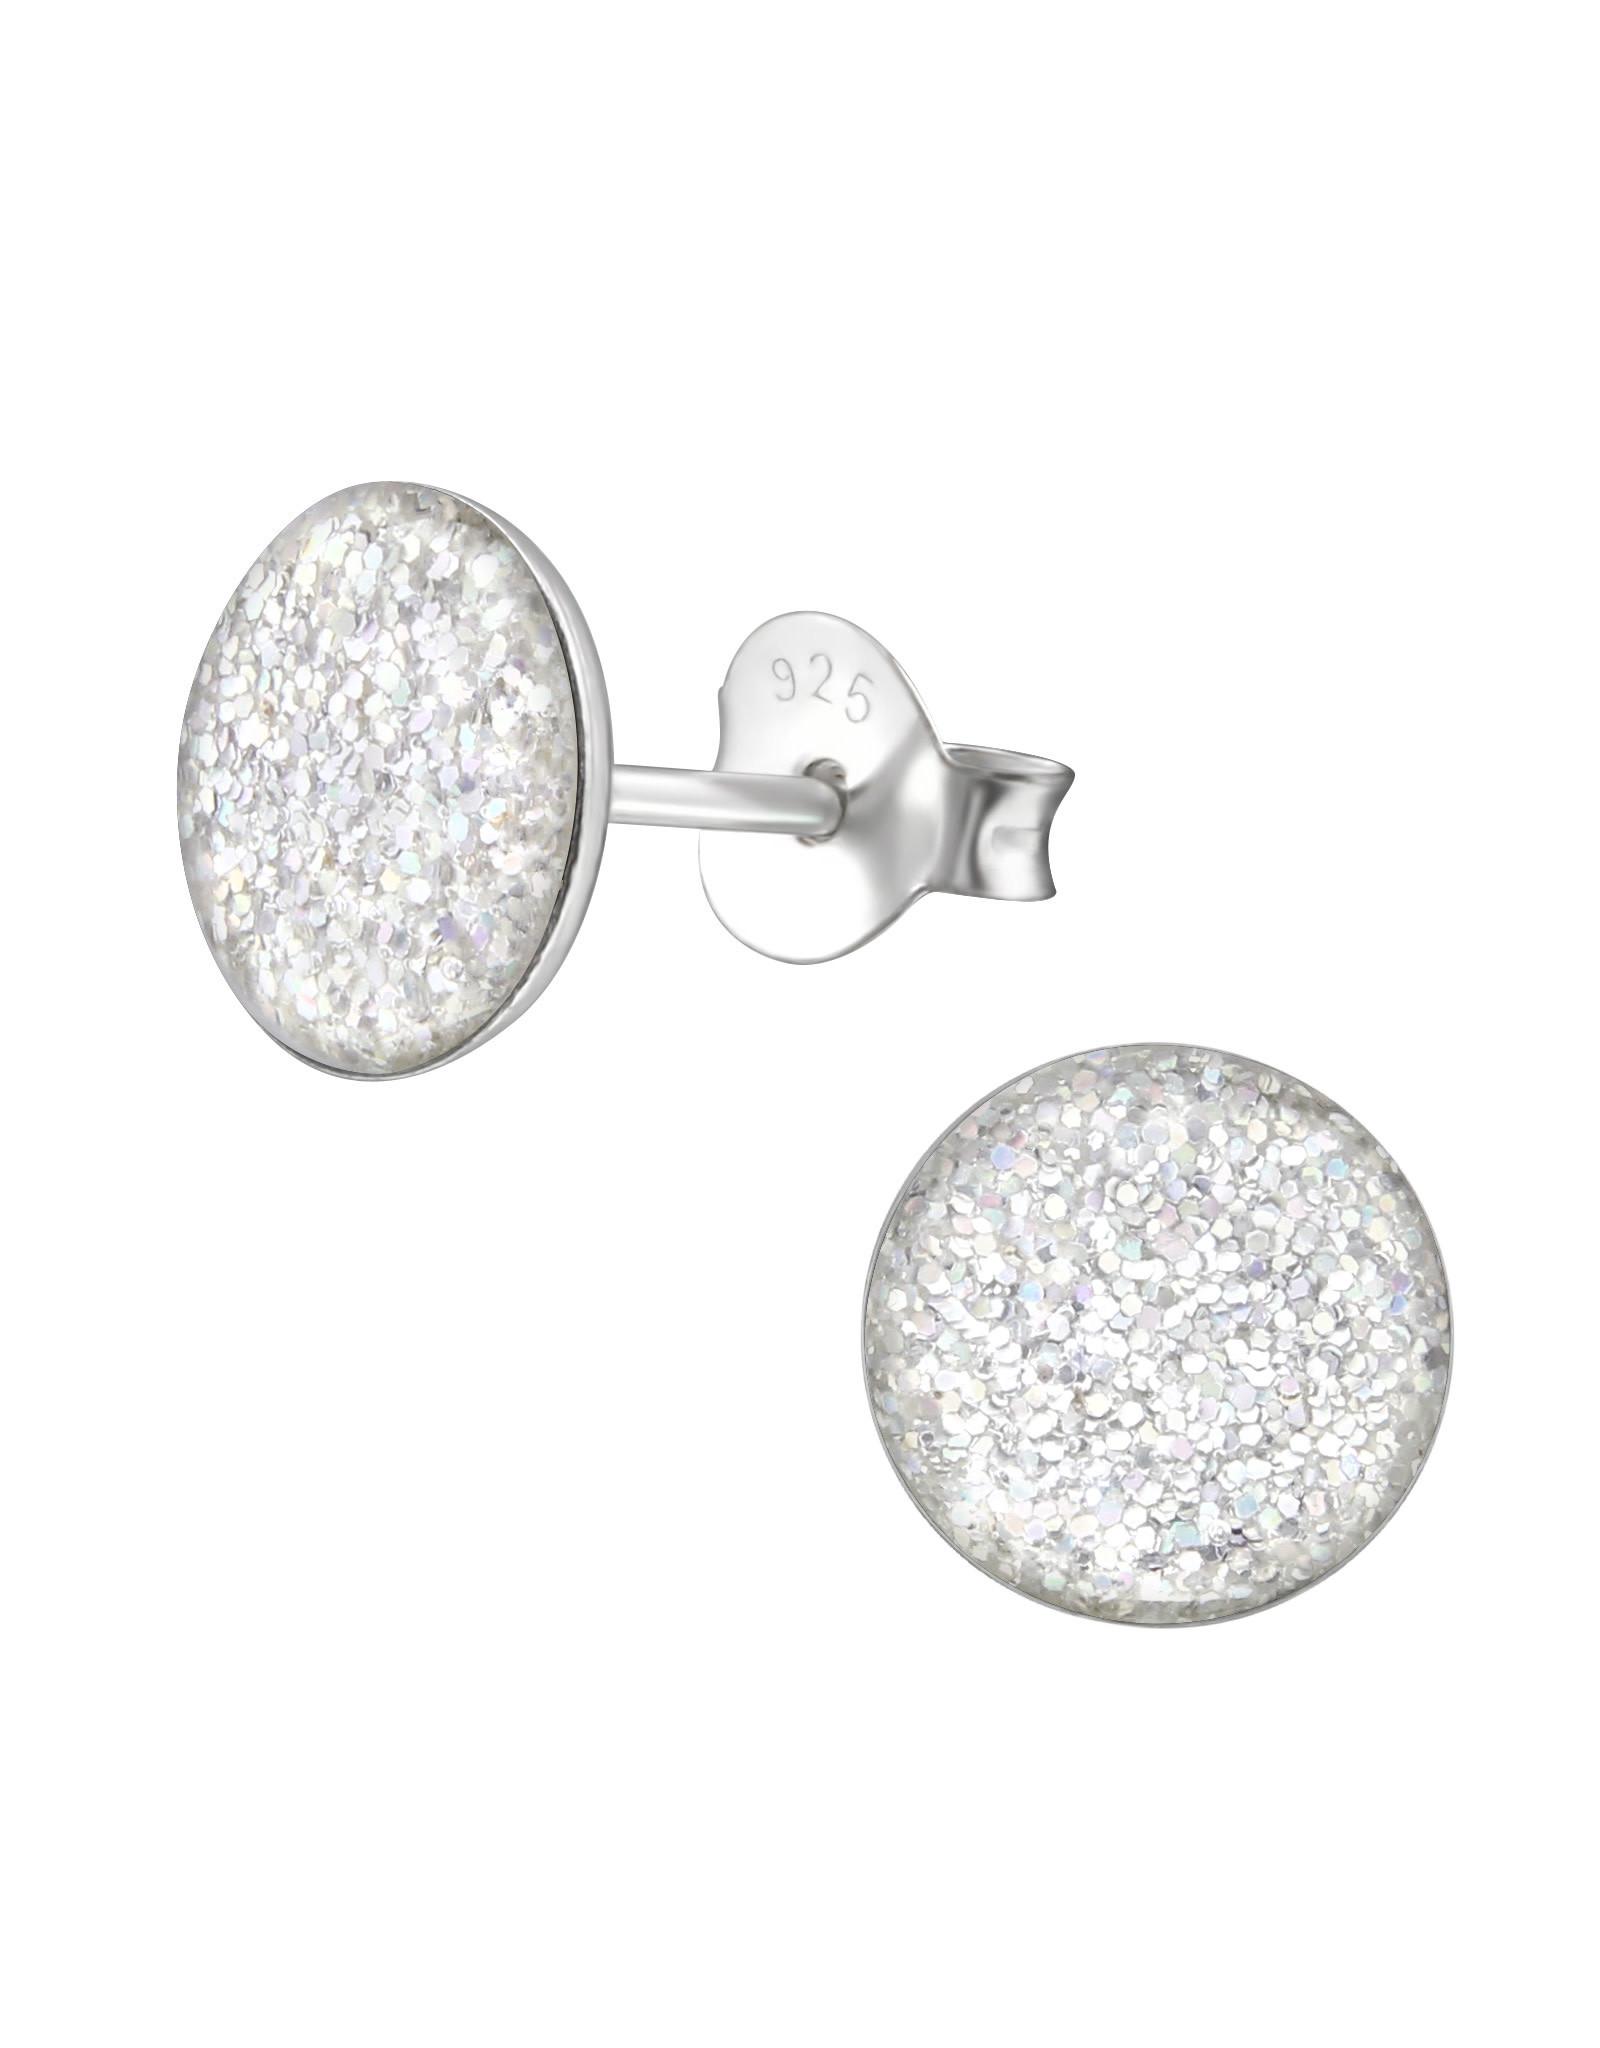 Stekertjes zilver rond glitter zilver 10mm